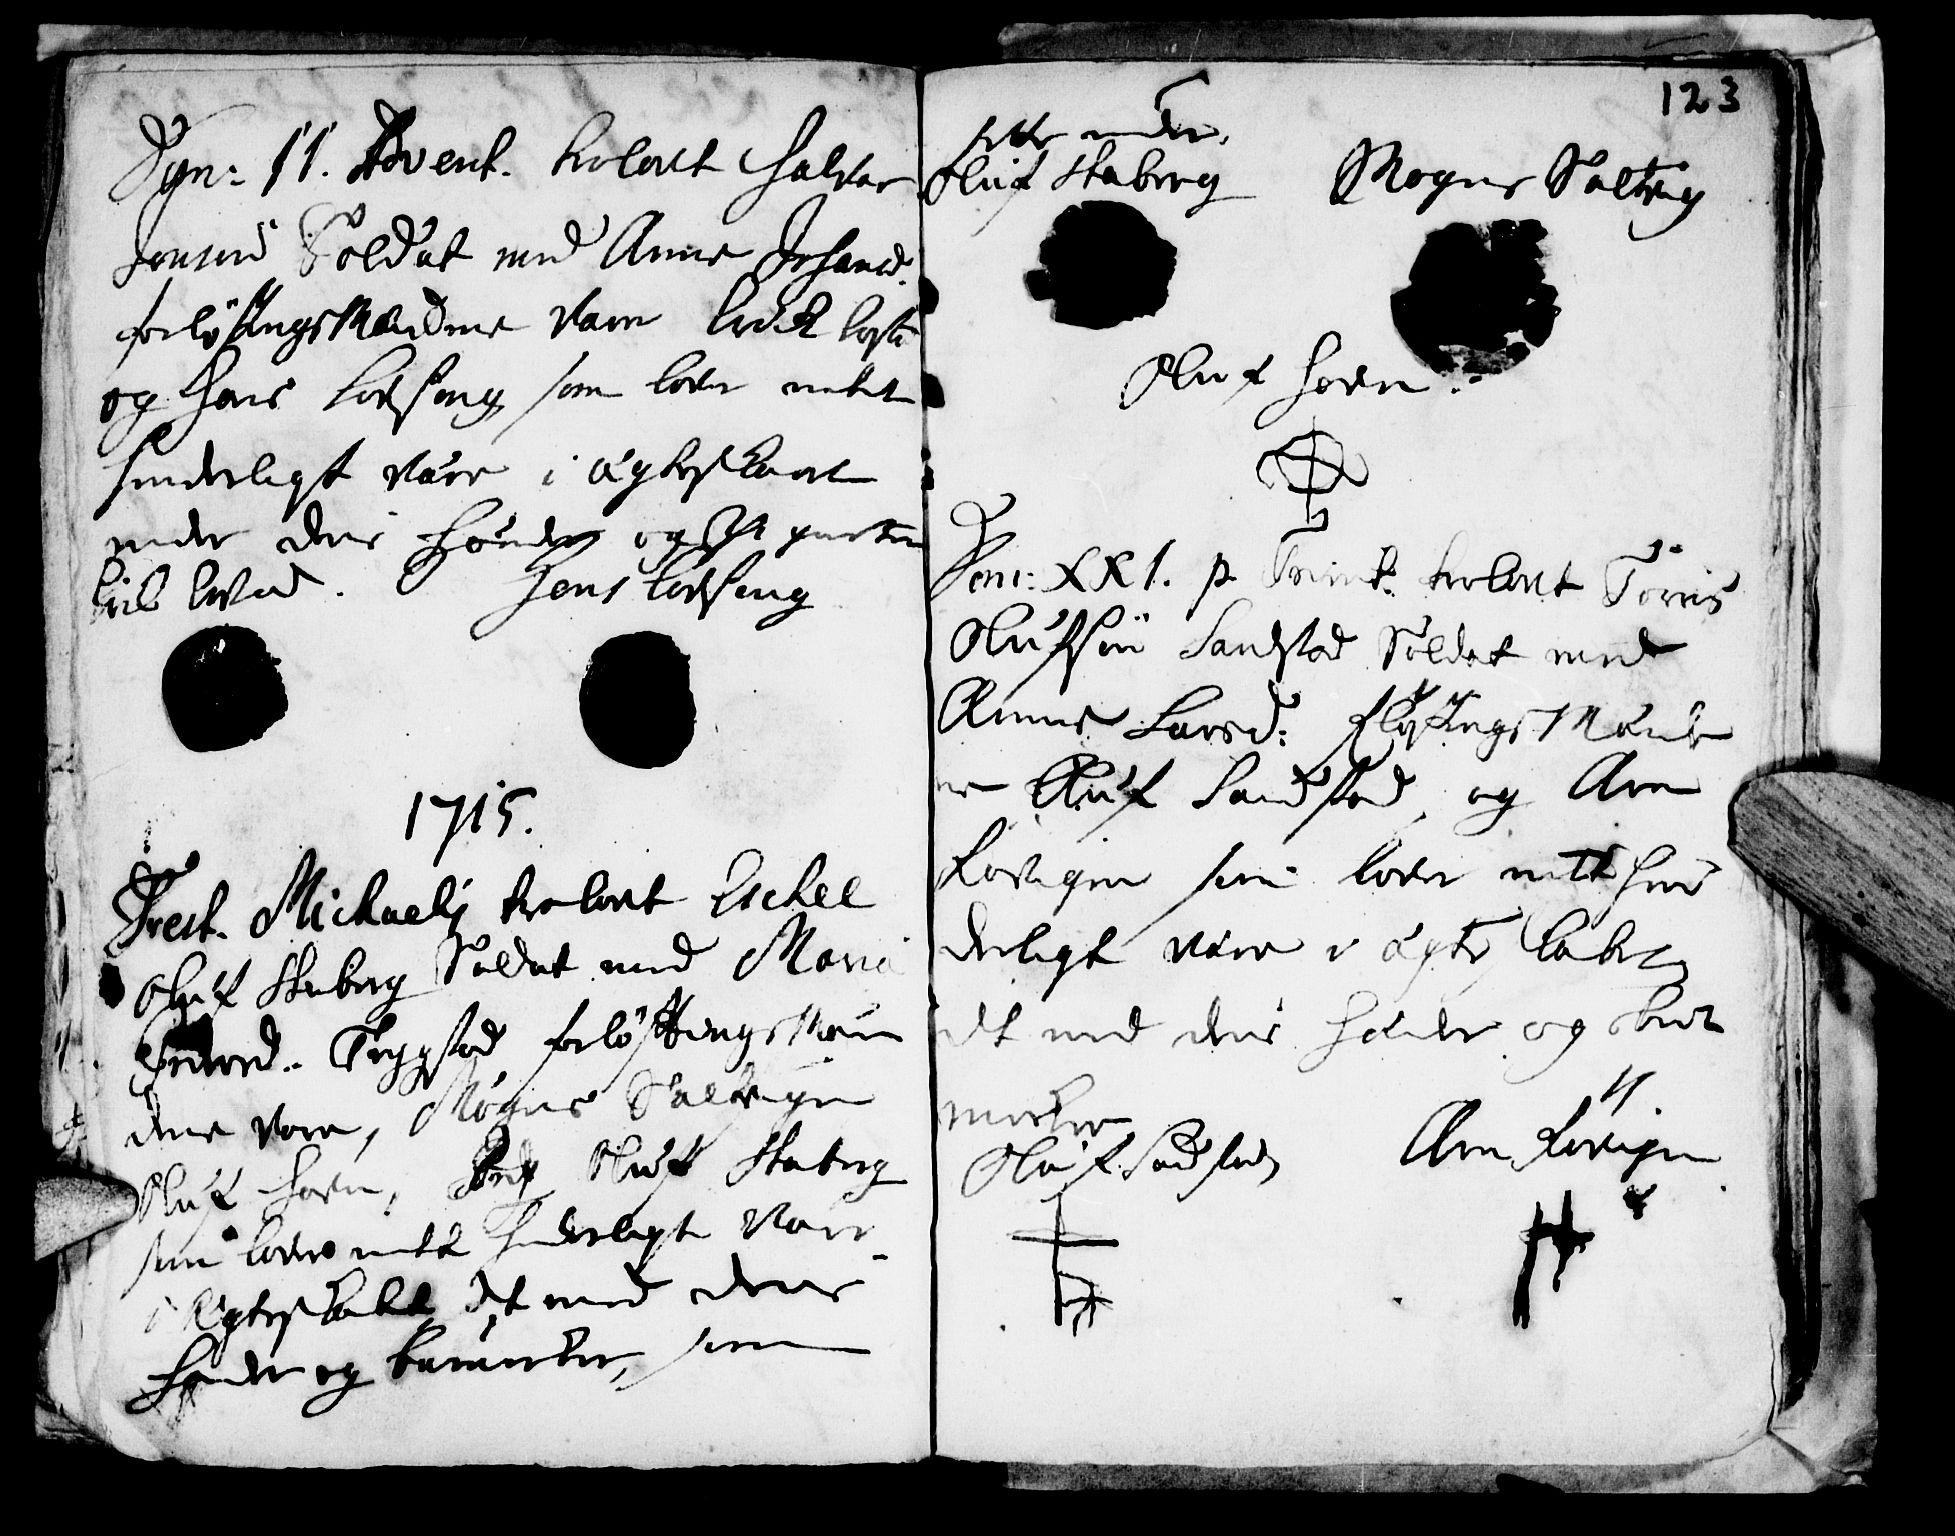 SAT, Ministerialprotokoller, klokkerbøker og fødselsregistre - Nord-Trøndelag, 722/L0214: Ministerialbok nr. 722A01, 1692-1718, s. 123